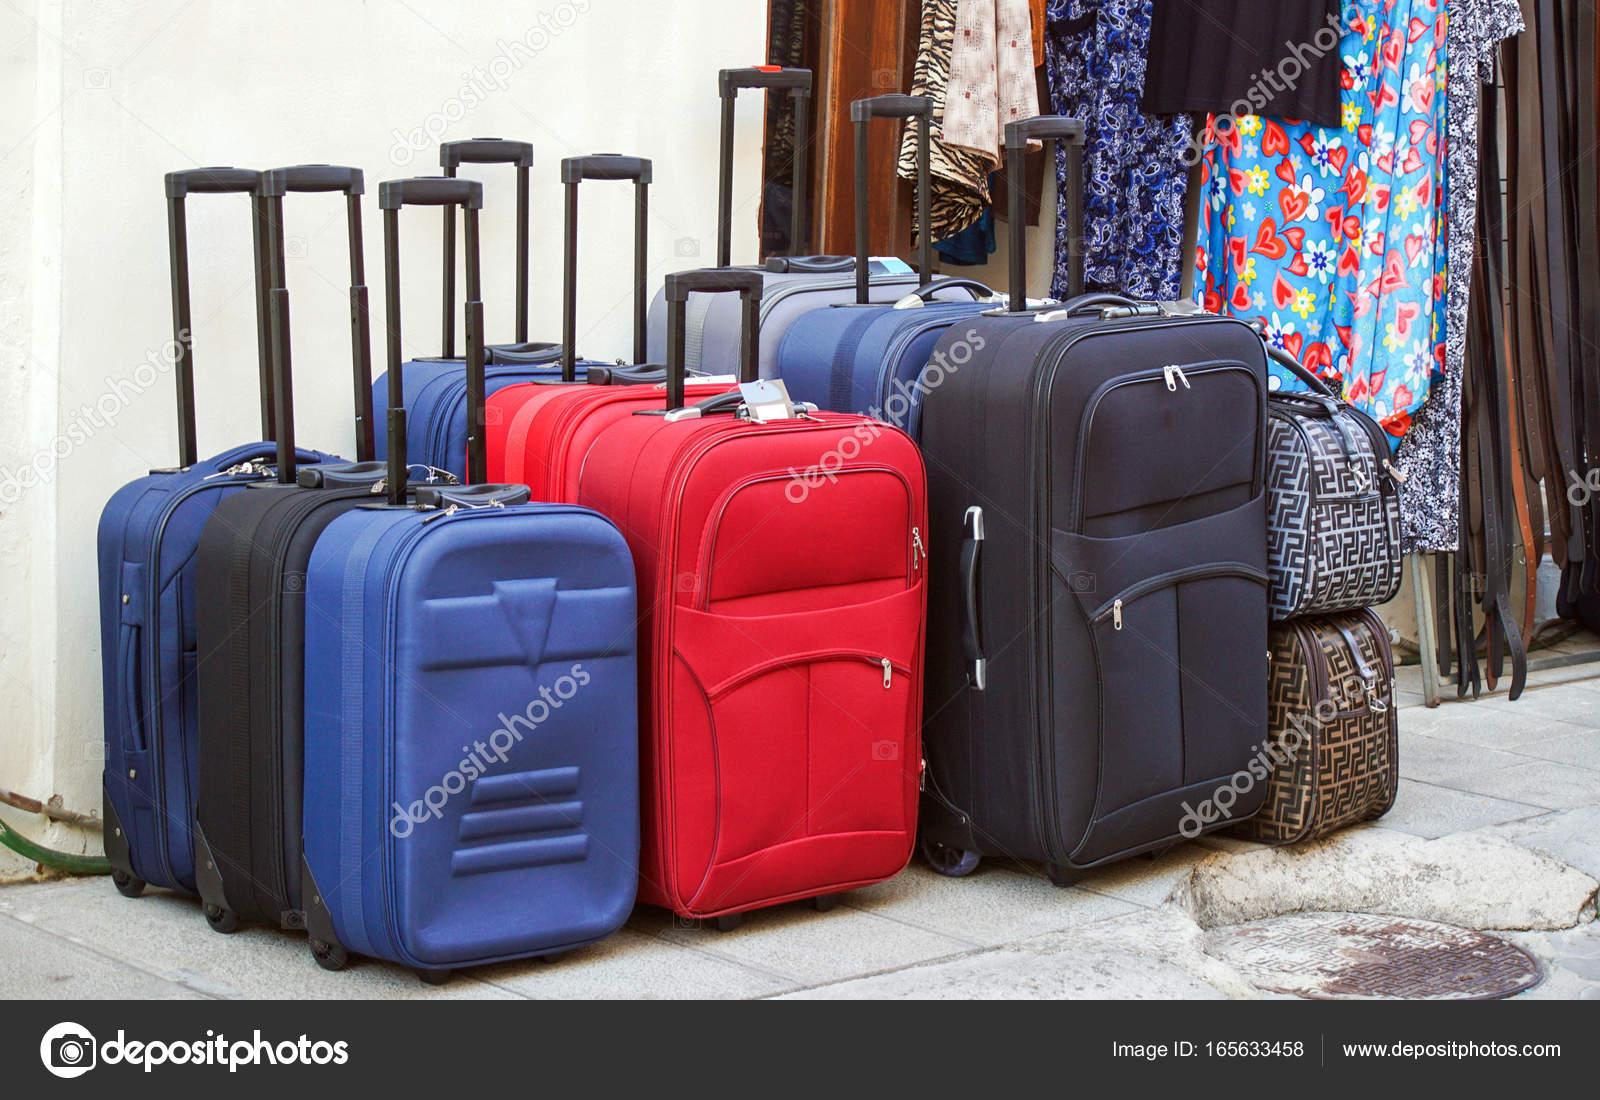 88985325c Varias maletas de rodillo — Foto de stock © zvirni #165633458